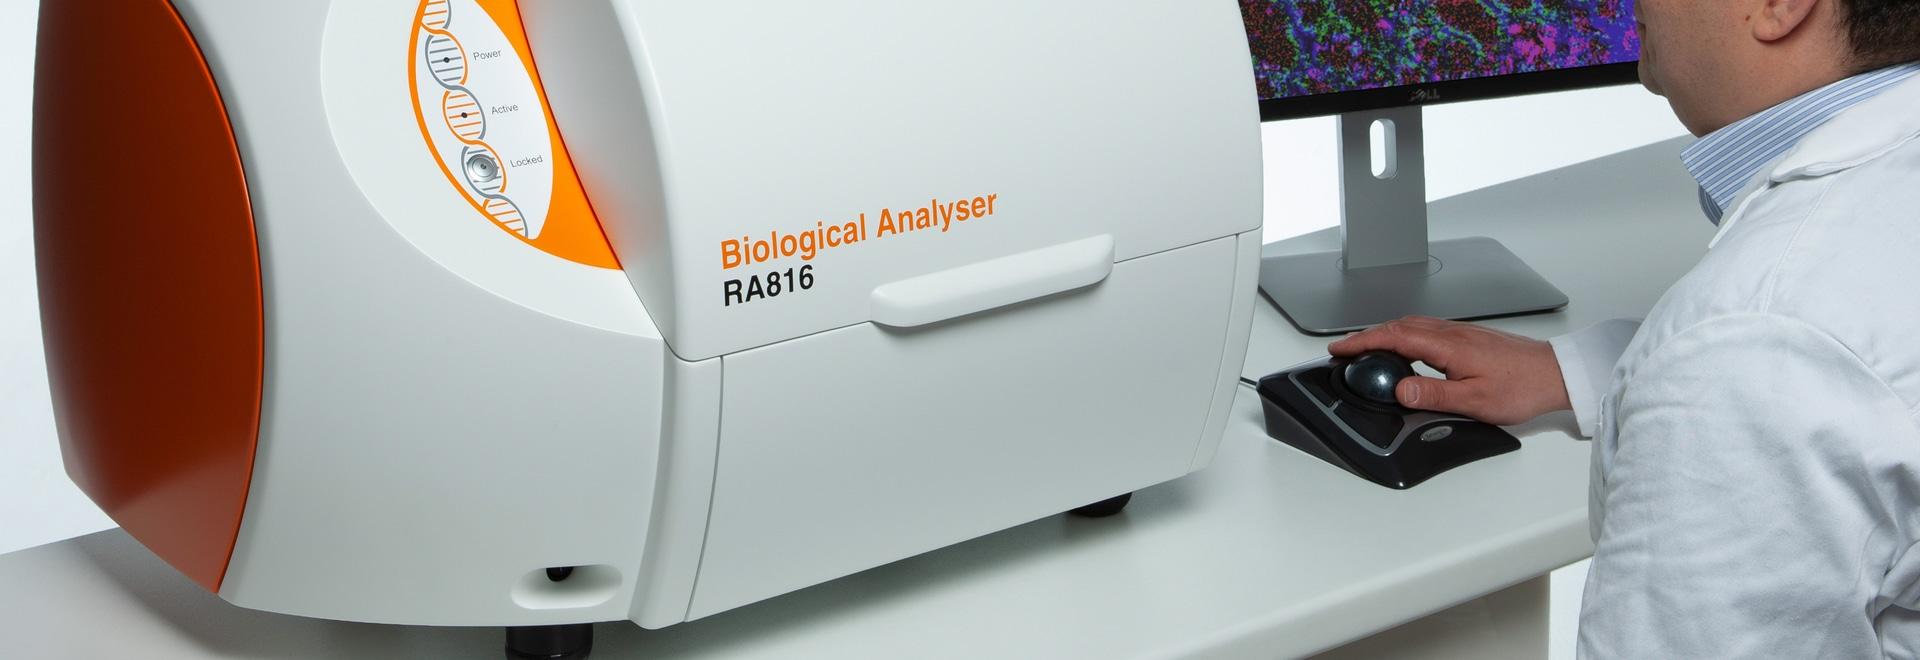 L'analyseur collecte des informations biologiques détaillées